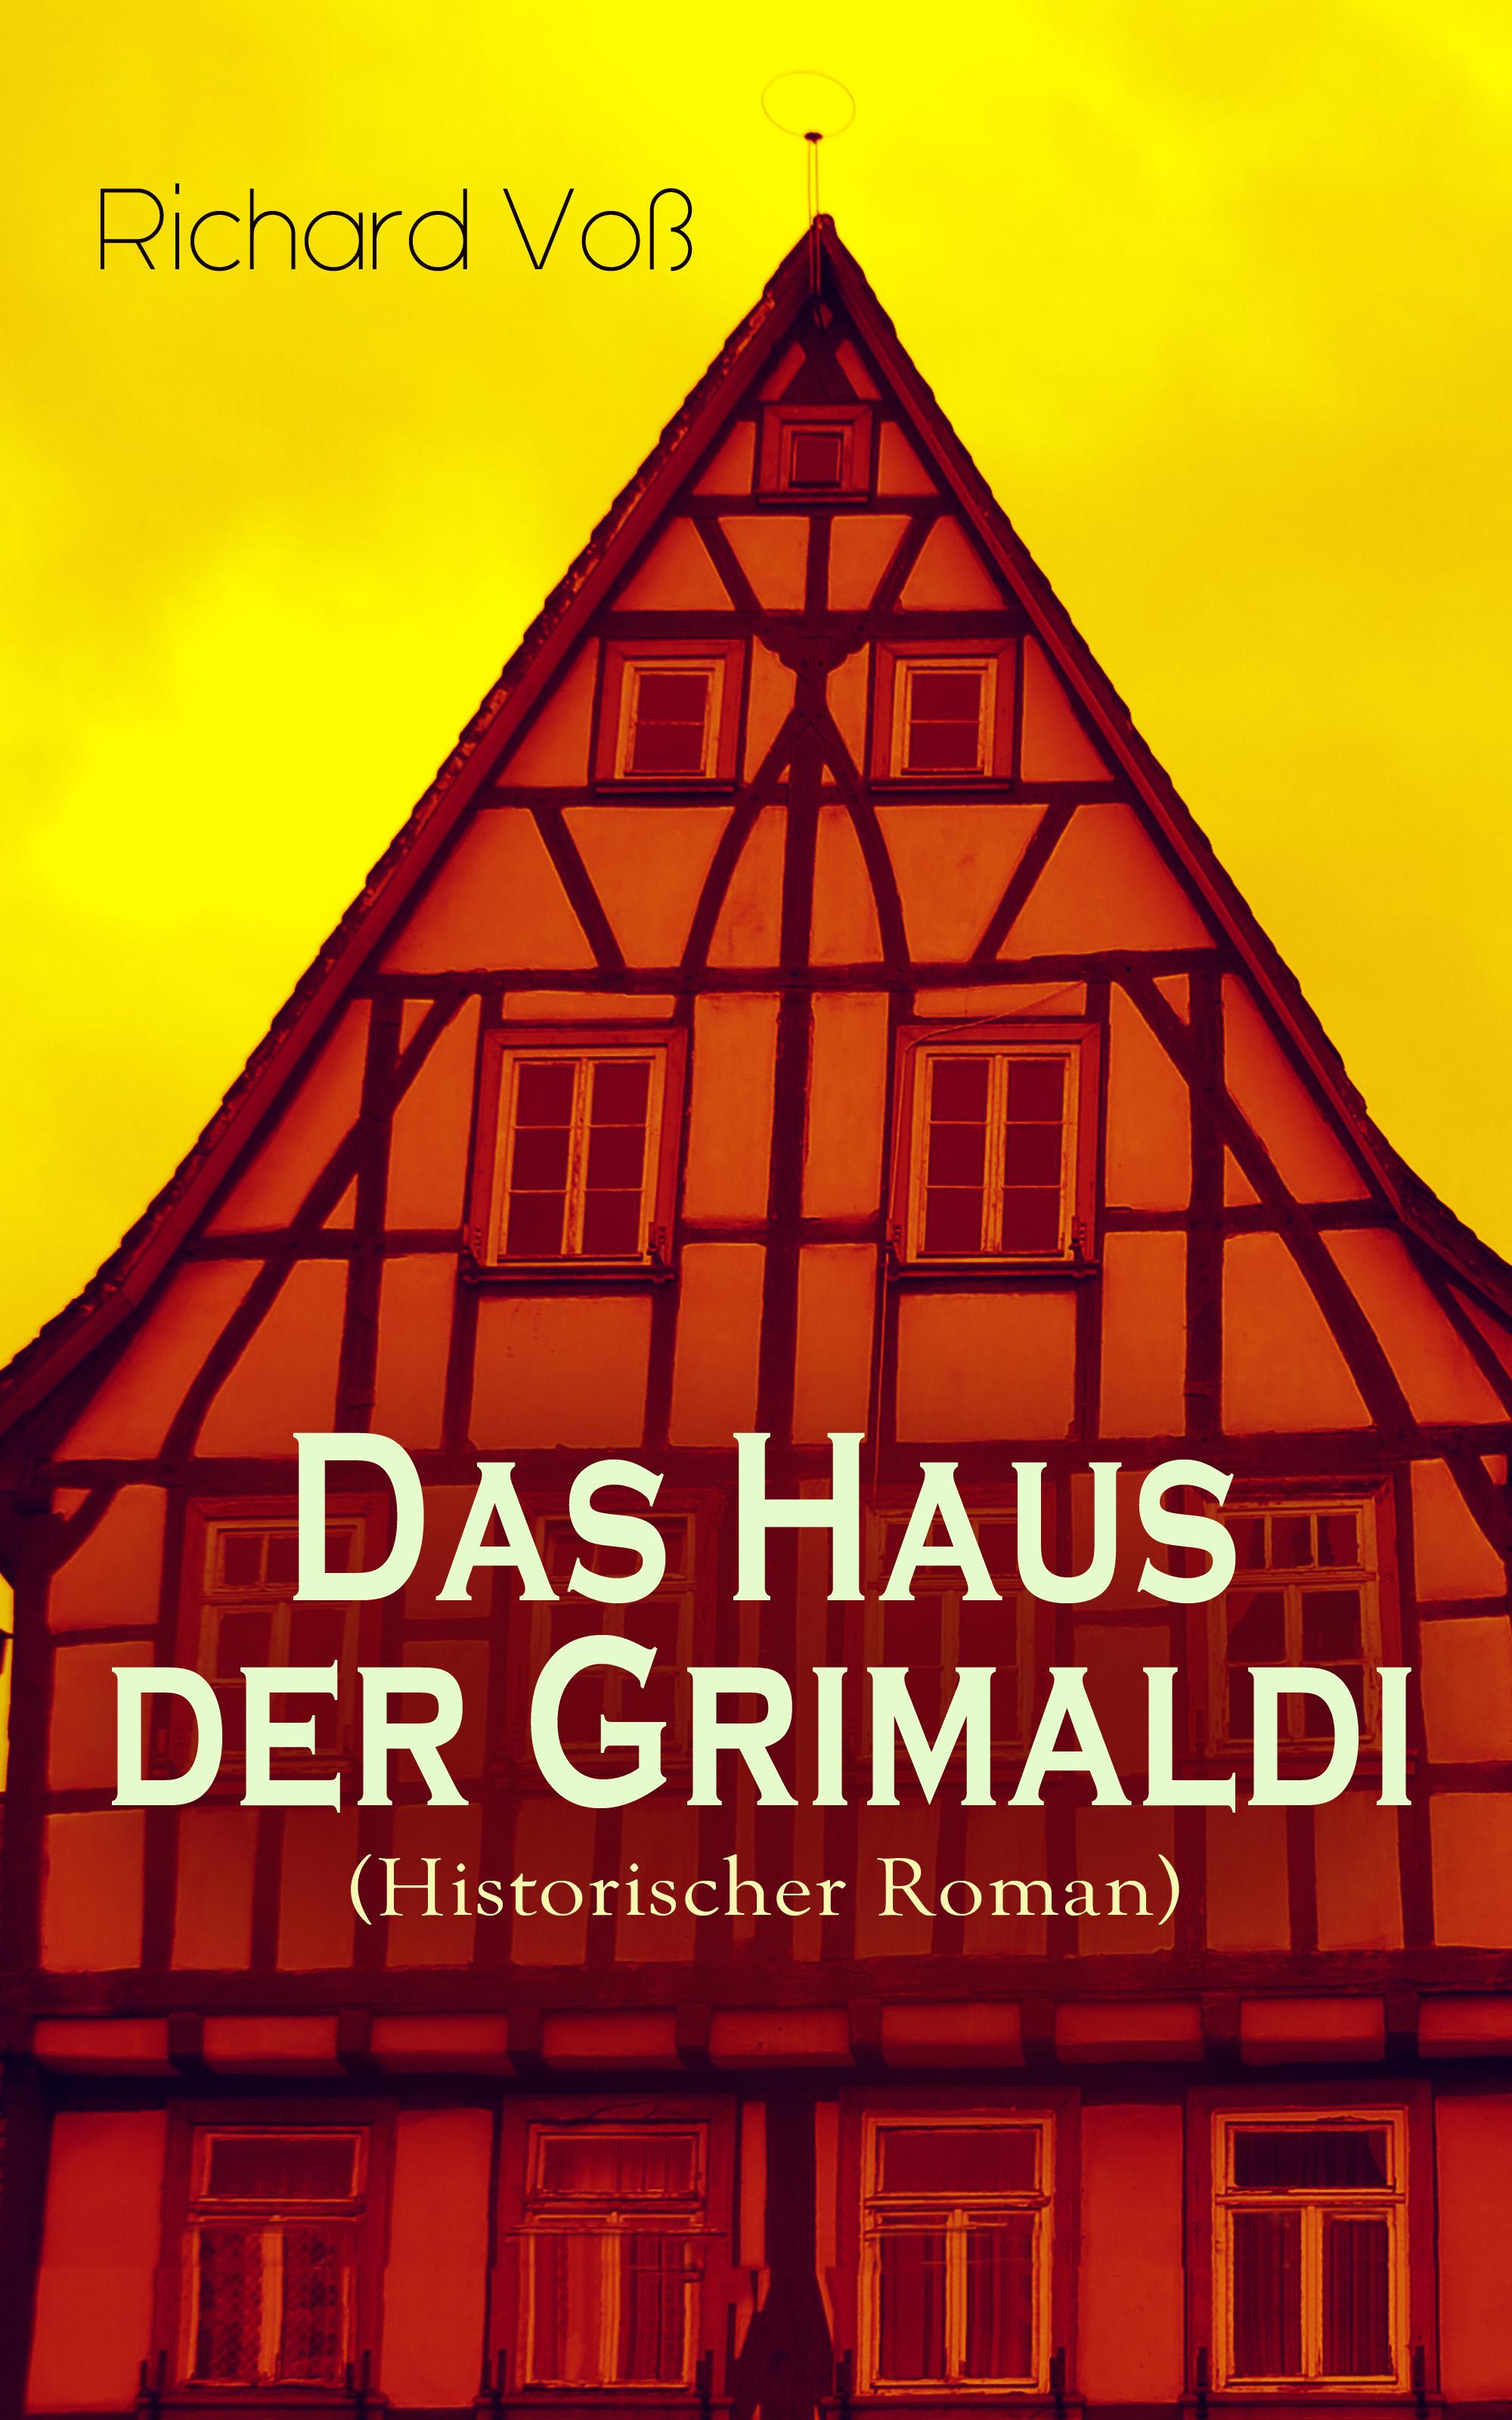 Richard Vos Das Haus der Grimaldi (Historischer Roman) rebecca myga der deutsche regionalkrimi der roman vogelwild von richard auer